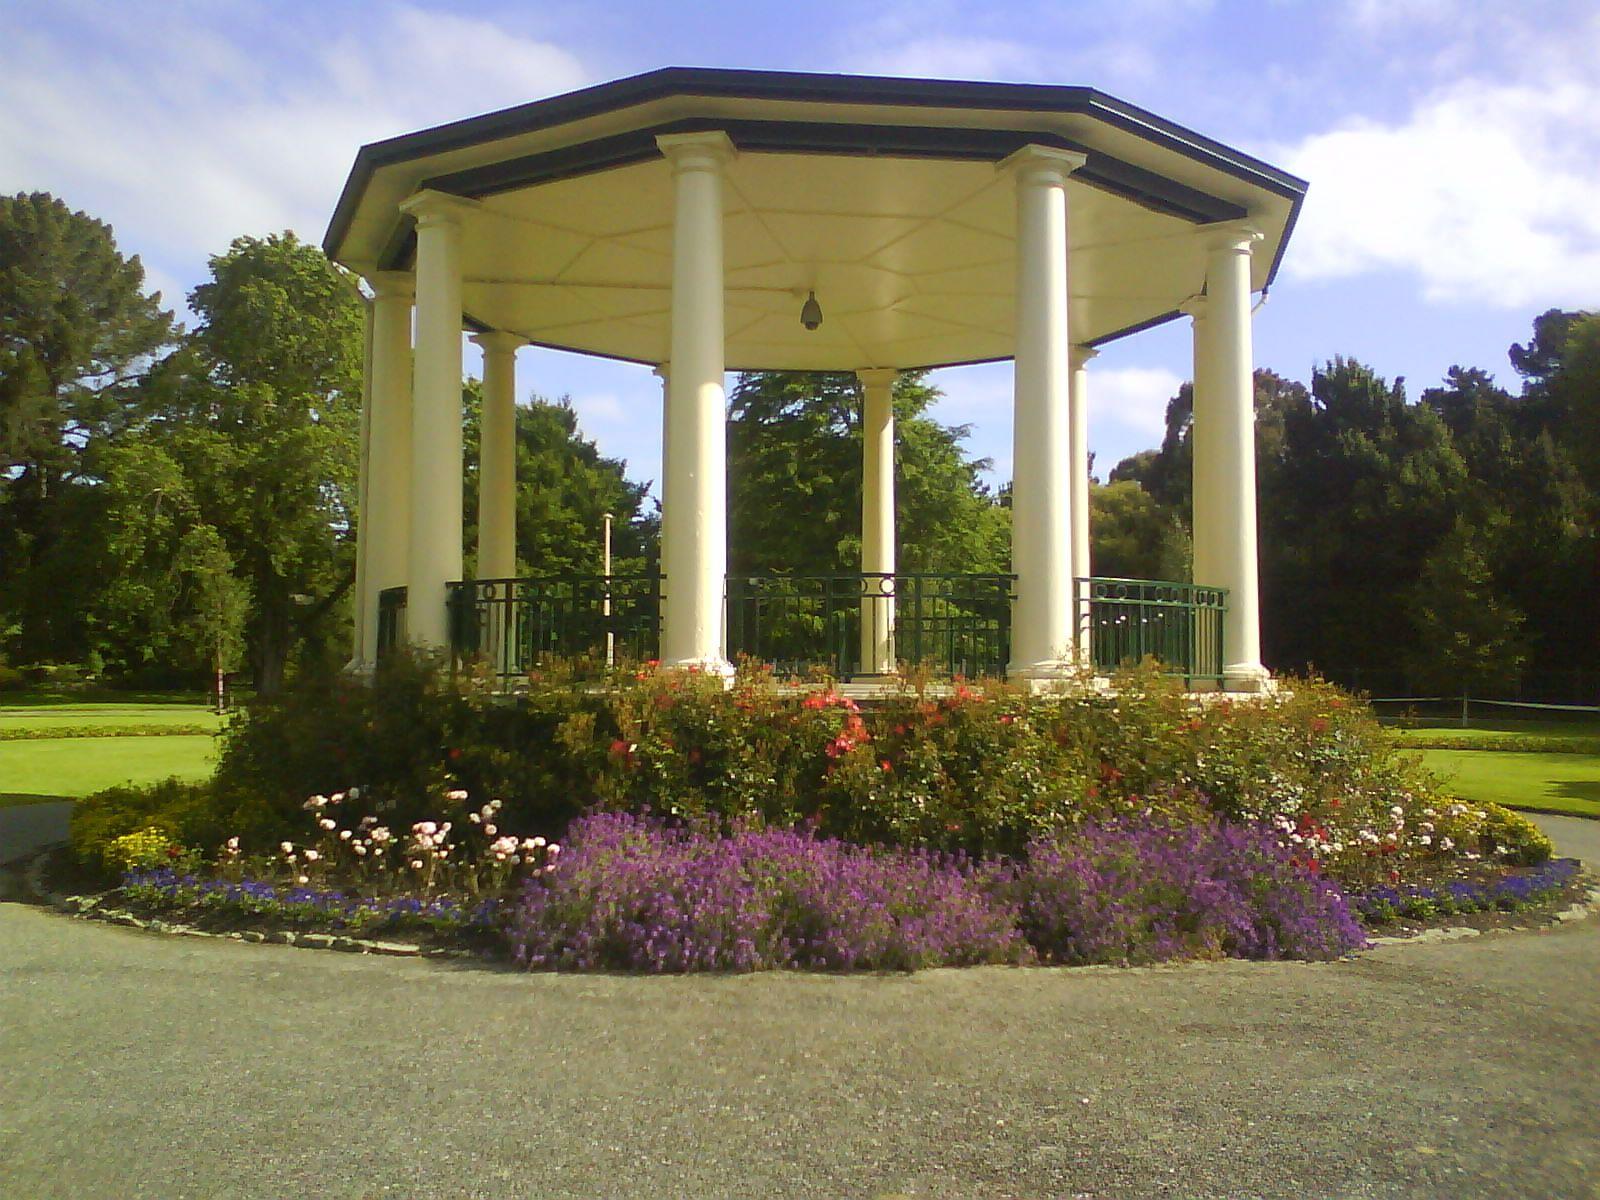 Queens Park band rotunda Invercargill New Zealand | NZ | Pinterest ...